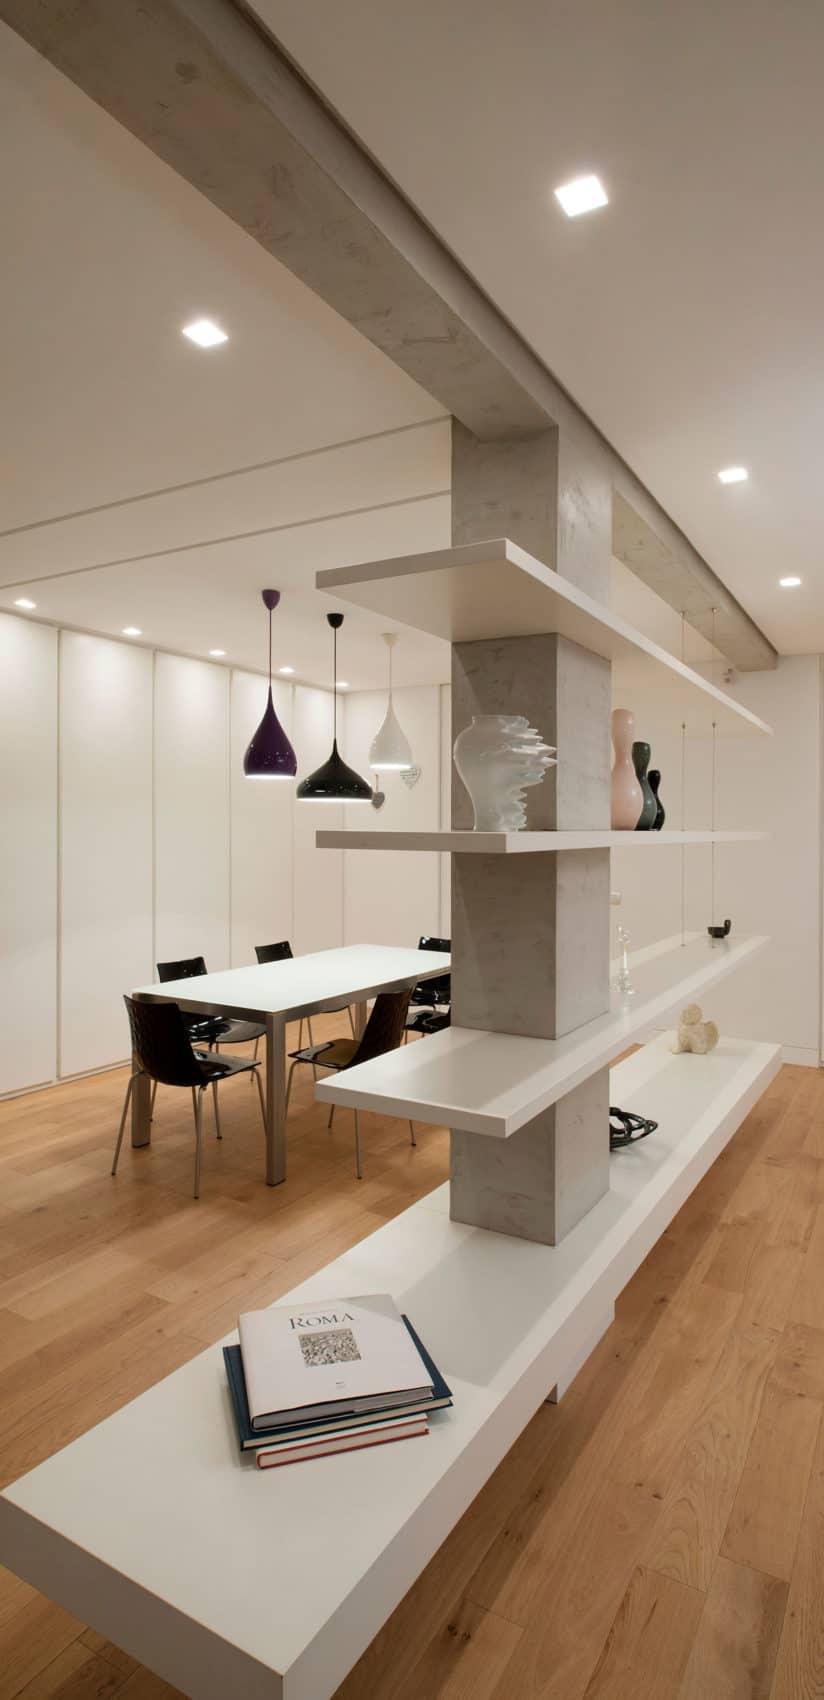 Casa Trastavere by Arabella Rocca (5)